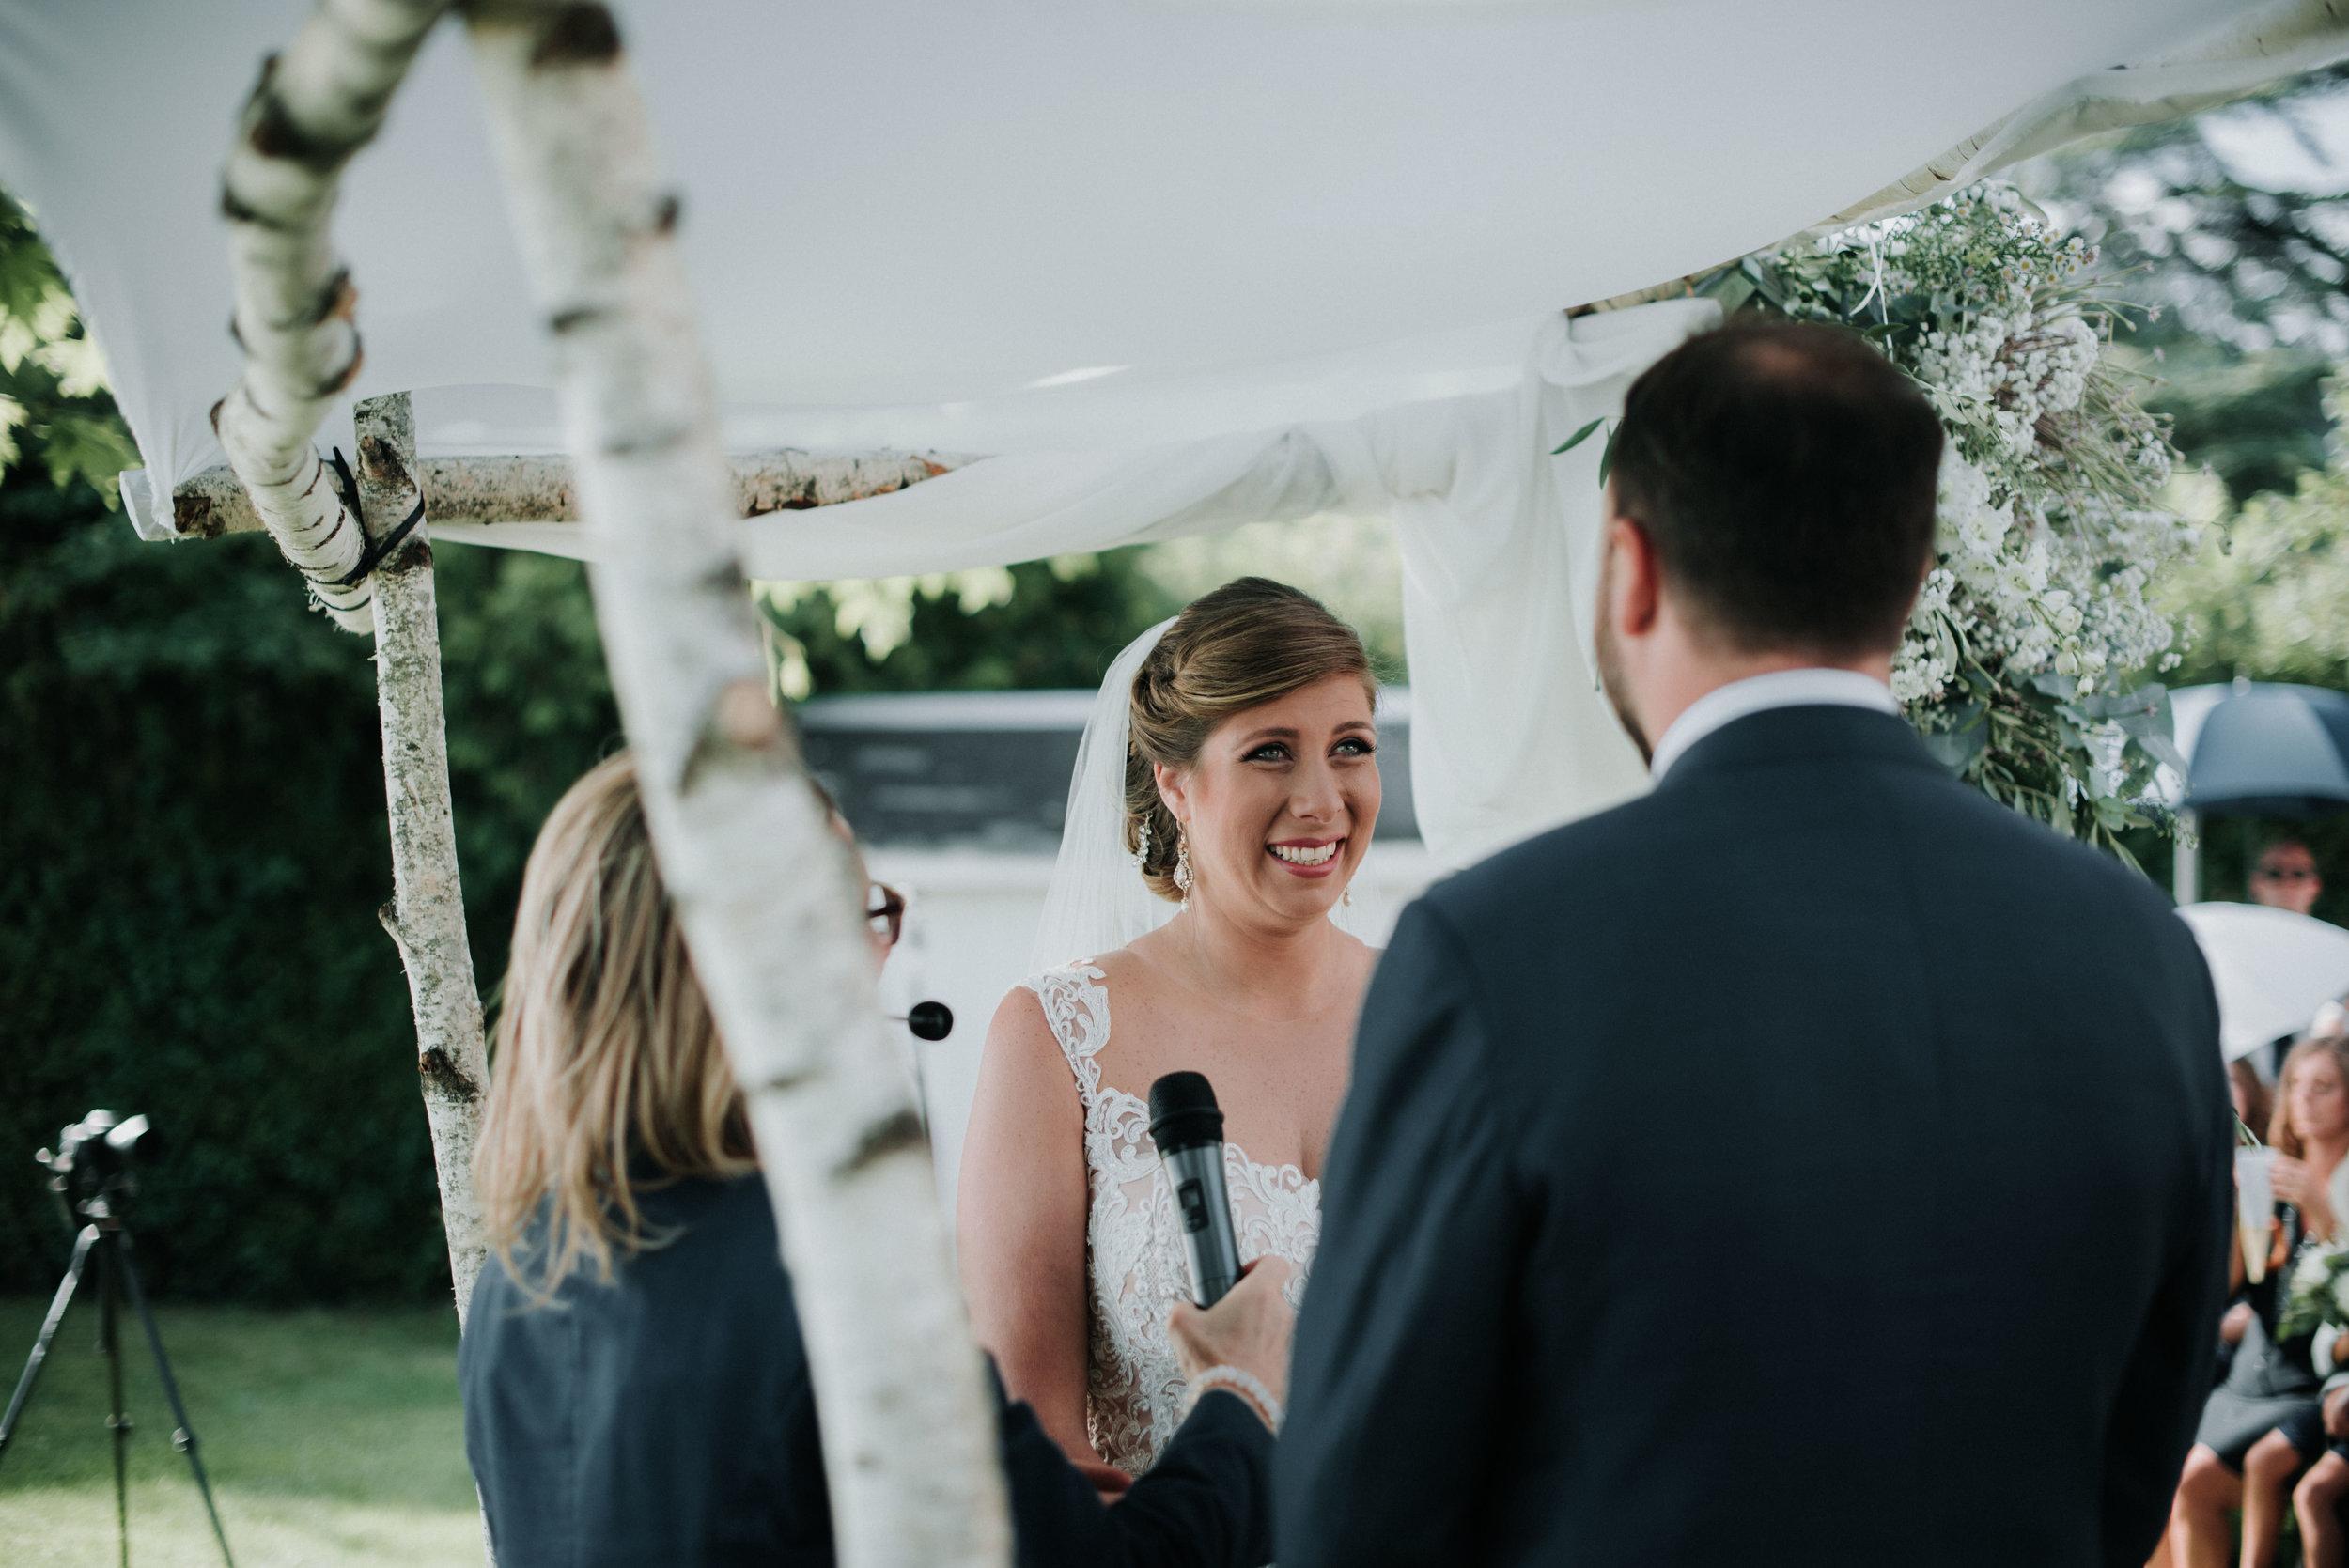 Léa-Fery-photographe-professionnel-lyon-rhone-alpes-portrait-creation-mariage-evenement-evenementiel-famille-0754.jpg